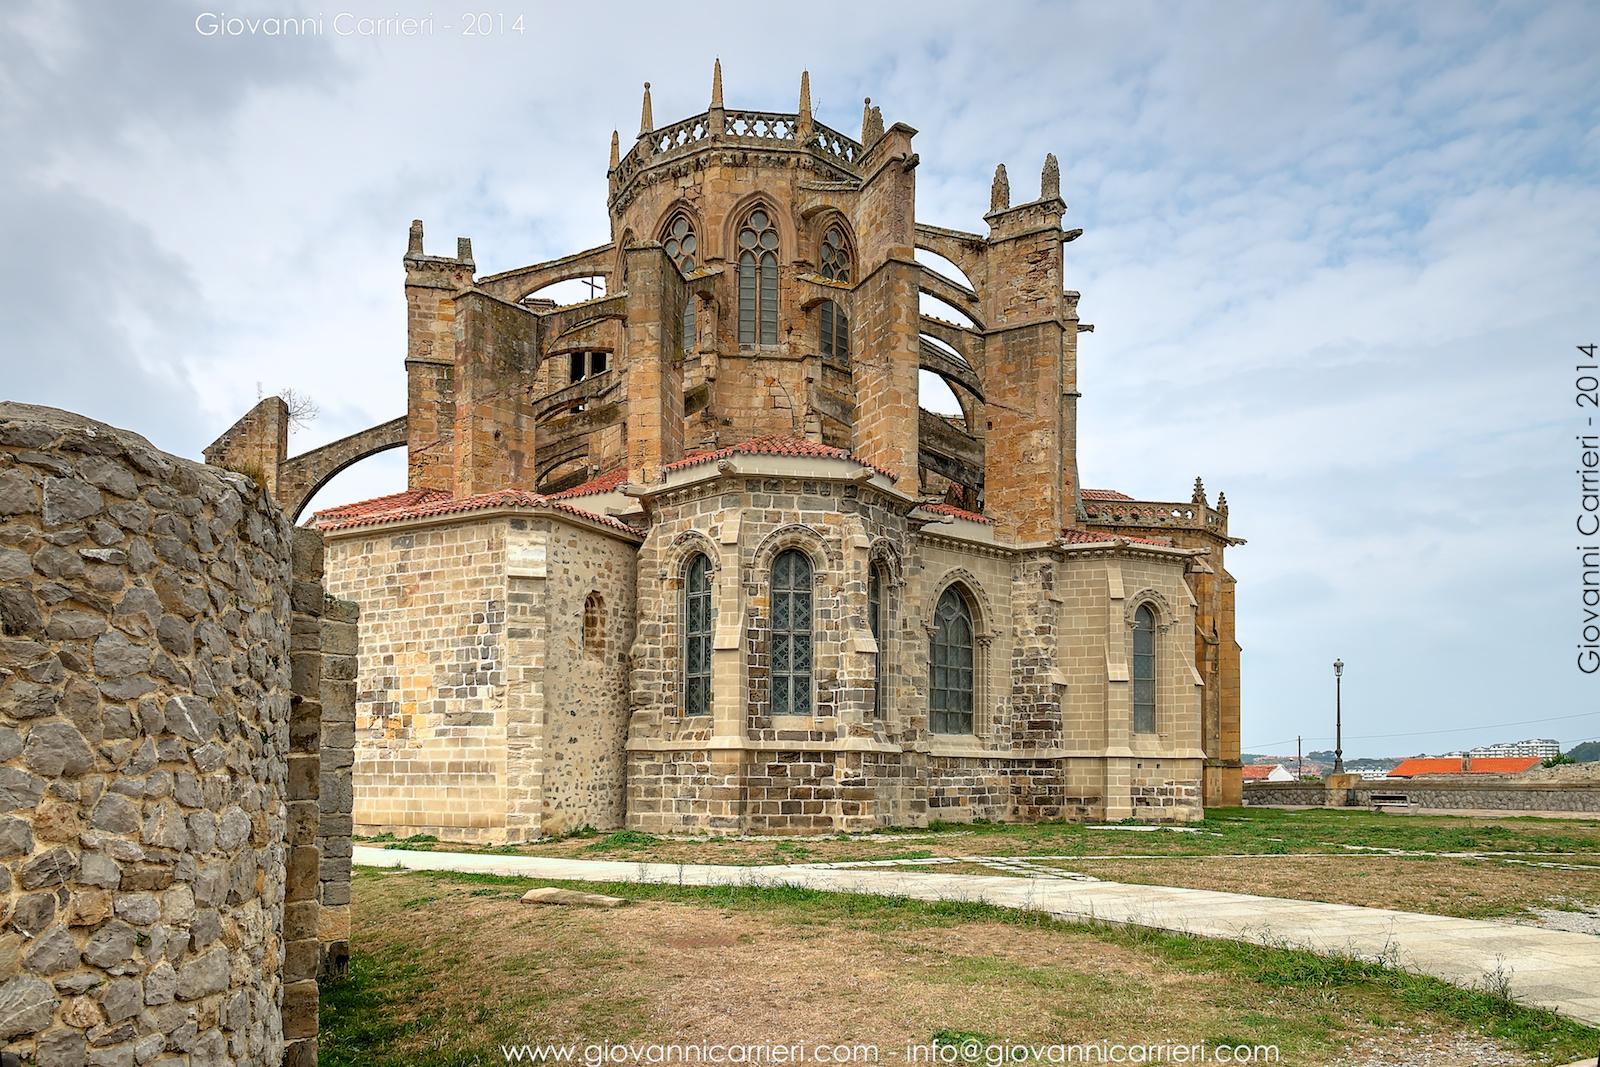 La chiesa di Santa Maria dell'Assunta - Castro Urdiales Spagna